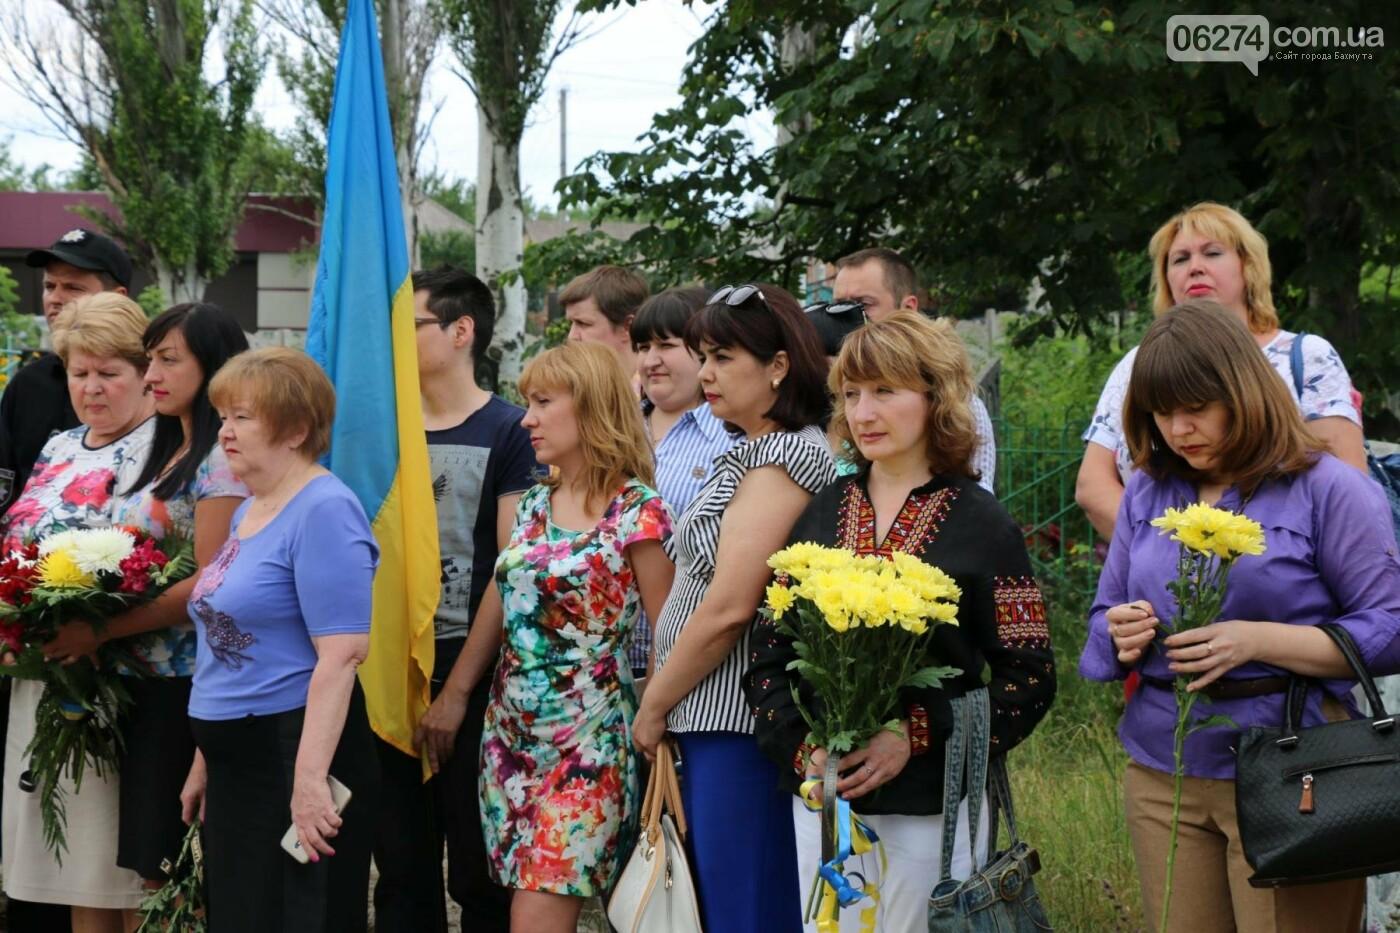 В Бахмуте отметили четвертую годовщину со дня освобождения города от пророссийских наемников, фото-1